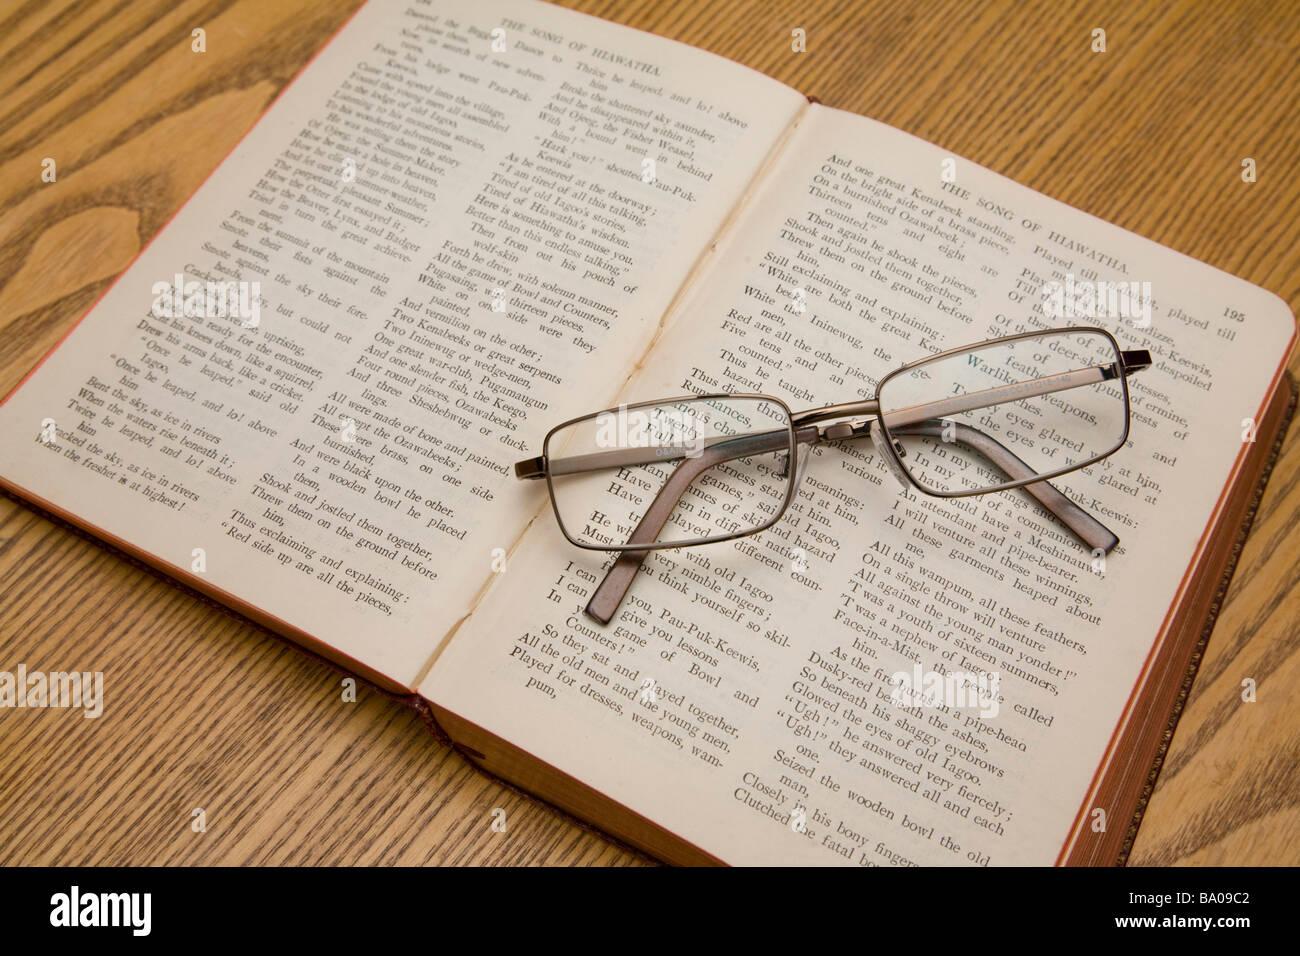 Un par de gafas de lectura apoyada en un libro de poemas de Longfellow. Foto de stock